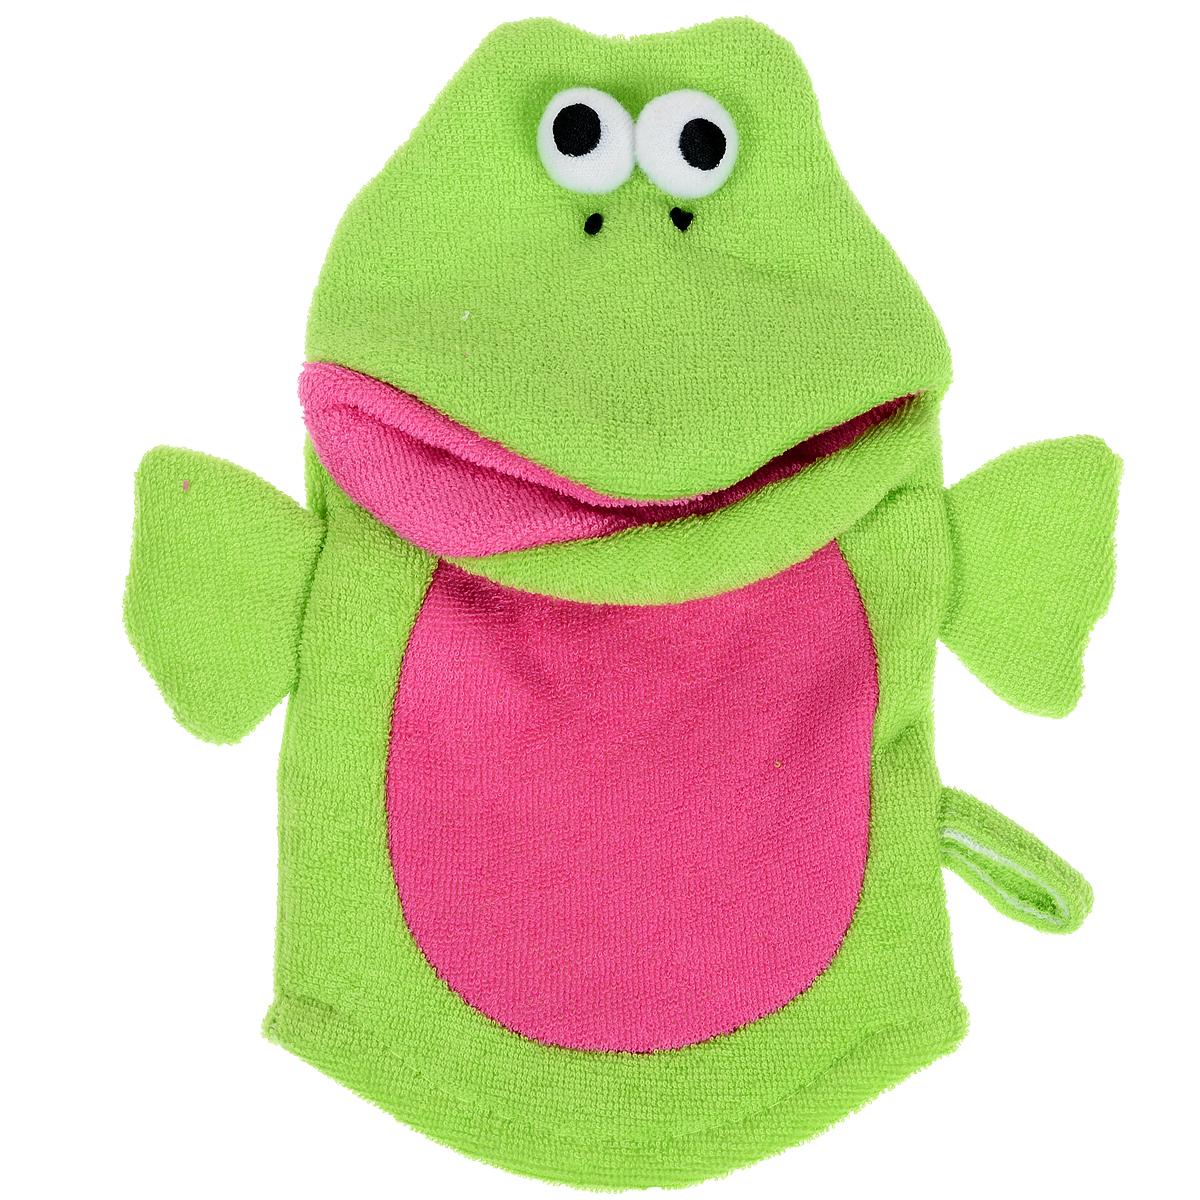 Варежка-мочалка детская Лягушка, цвет: зеленый, красный813-027Мочалка для детей Лягушка выполнена в виде варежке с забавной лягушкой, которая надевается на руку. Нежная и мягкая варежка из специального материала создана для купания самых маленьких. Мягкая ткань нежно массирует, удаляя загрязнения, оставляя кожу малыша чистой. Через ткань малыш чувствует руку мамы. Варежка непременно привлечет внимание крохи и станет прекрасным поводом помыться самостоятельно, когда ваш ребенок подрастет.